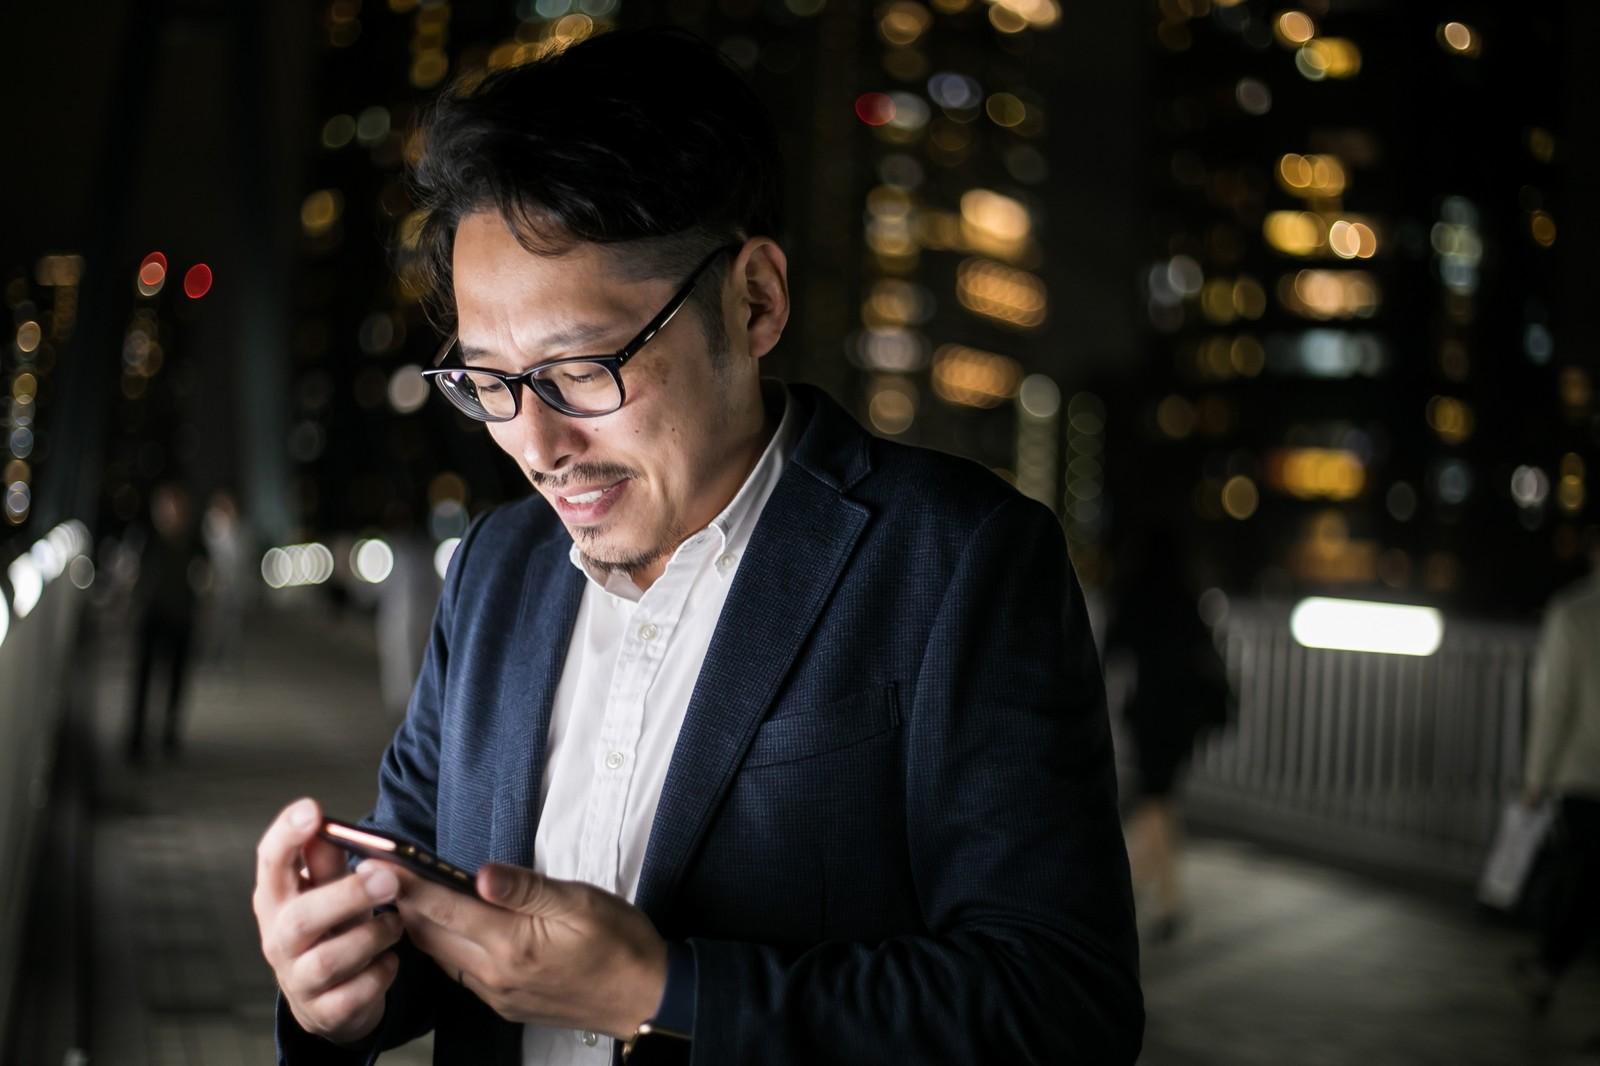 スマートフォンを確認する男性